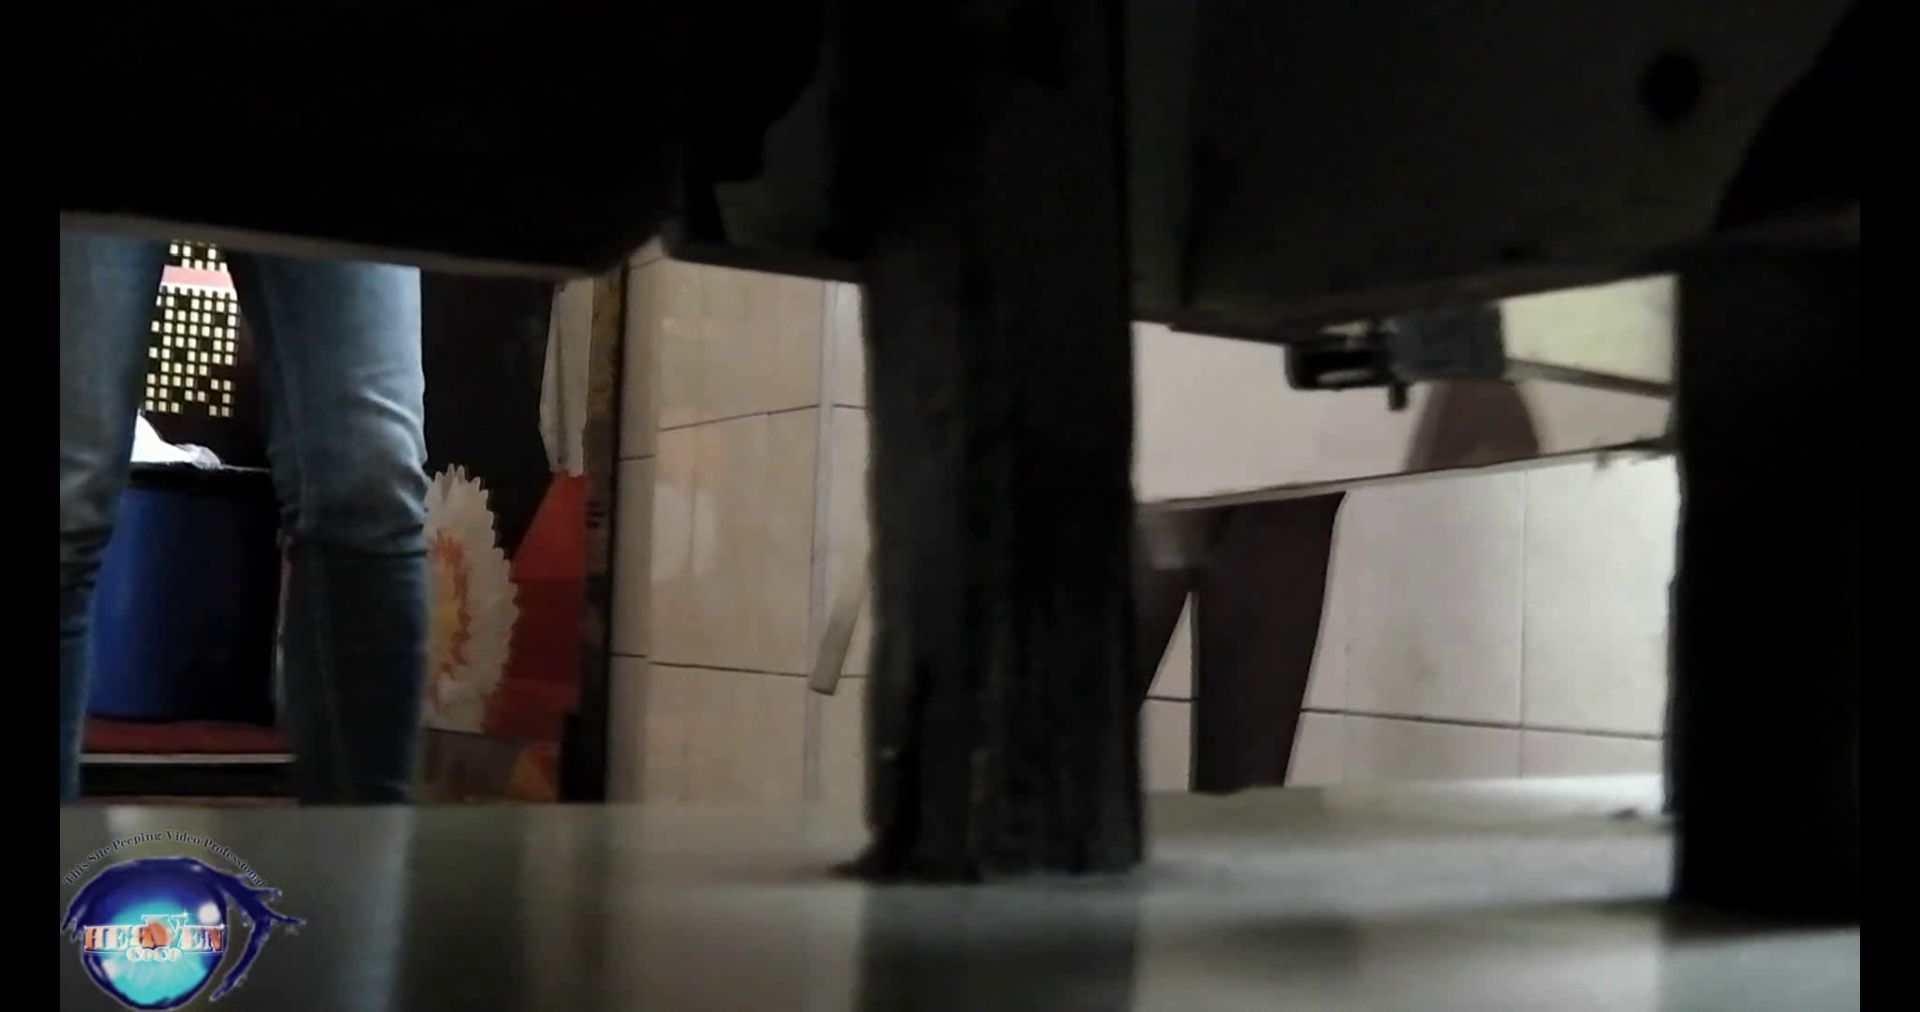 世界の射窓から~ステーション編~vol.34 無料動画のモデルつい本番登場Ⅱやっぱり違います 本番 | OL女体  104連発 71